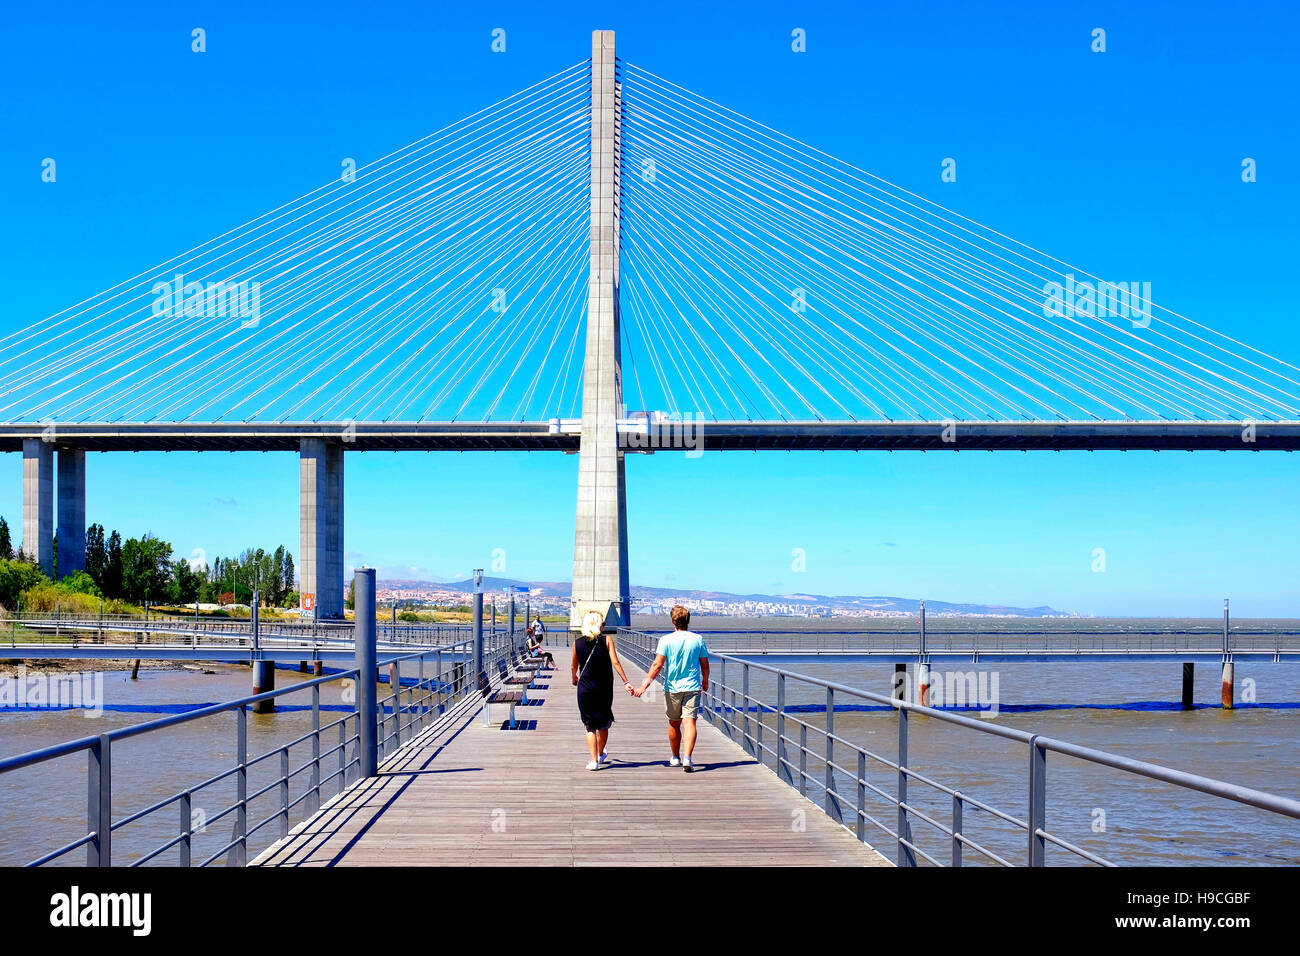 Jardim do Passeio dos Heróis do Mar and Vasco de Gama Bridge, Lisbon, Portugal - Stock Image